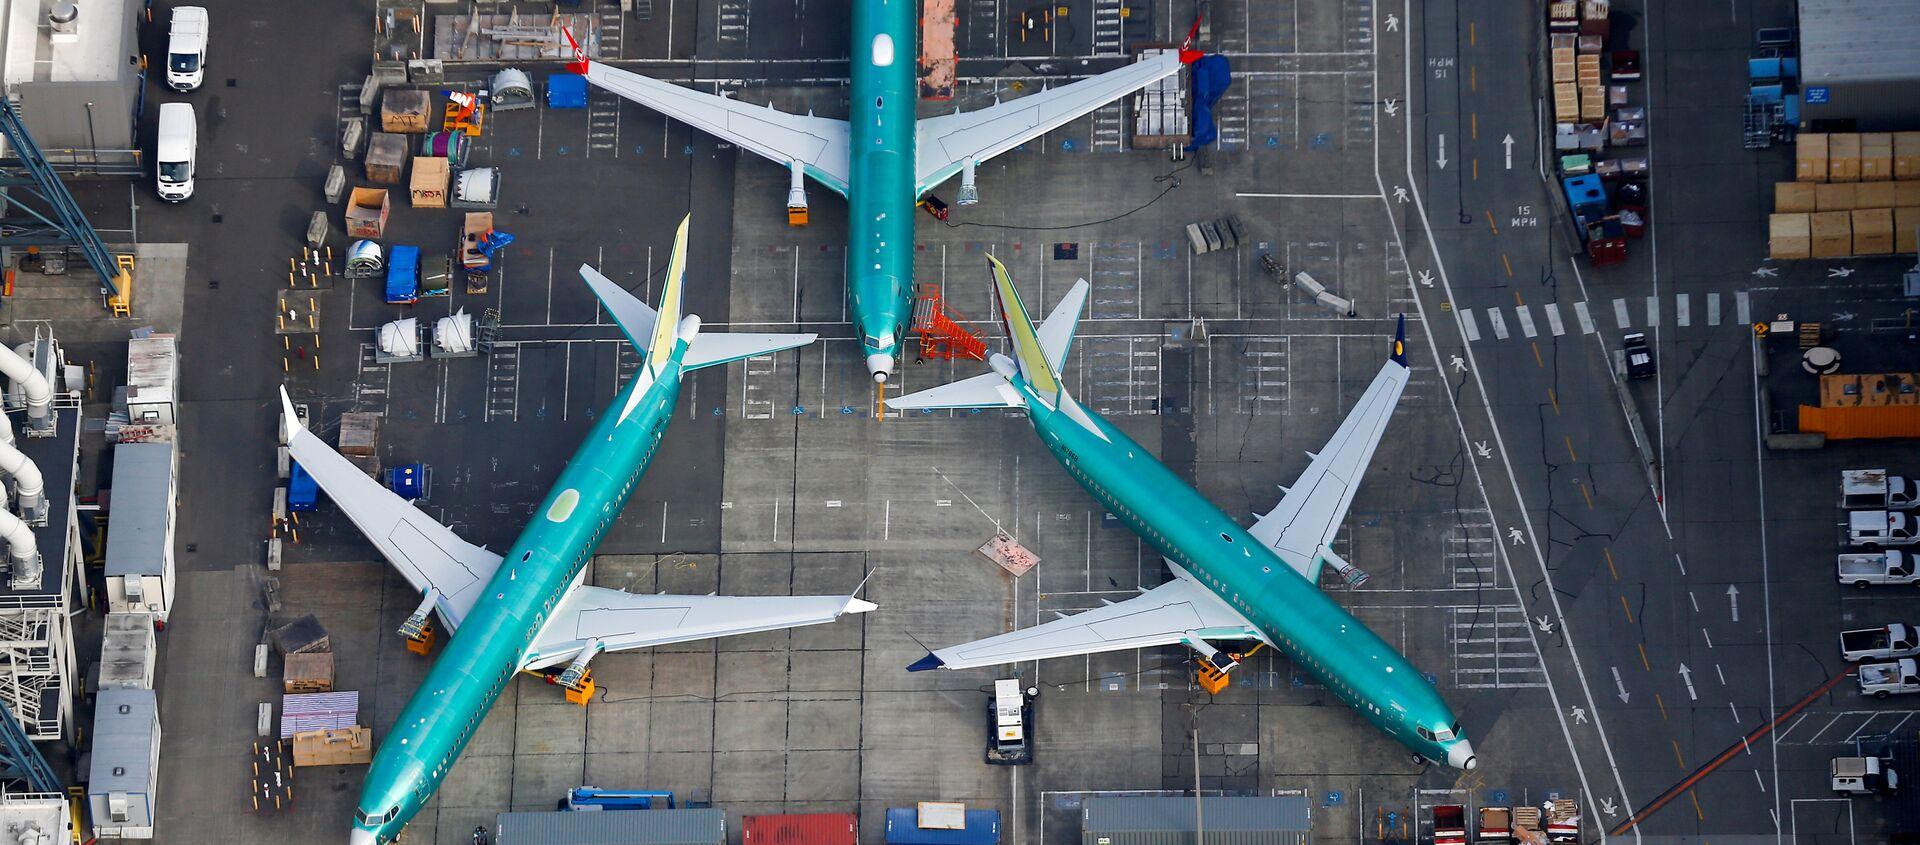 Aviones en la fábrica de Boeing de Renton, EEUU - Sputnik Mundo, 1920, 17.05.2019